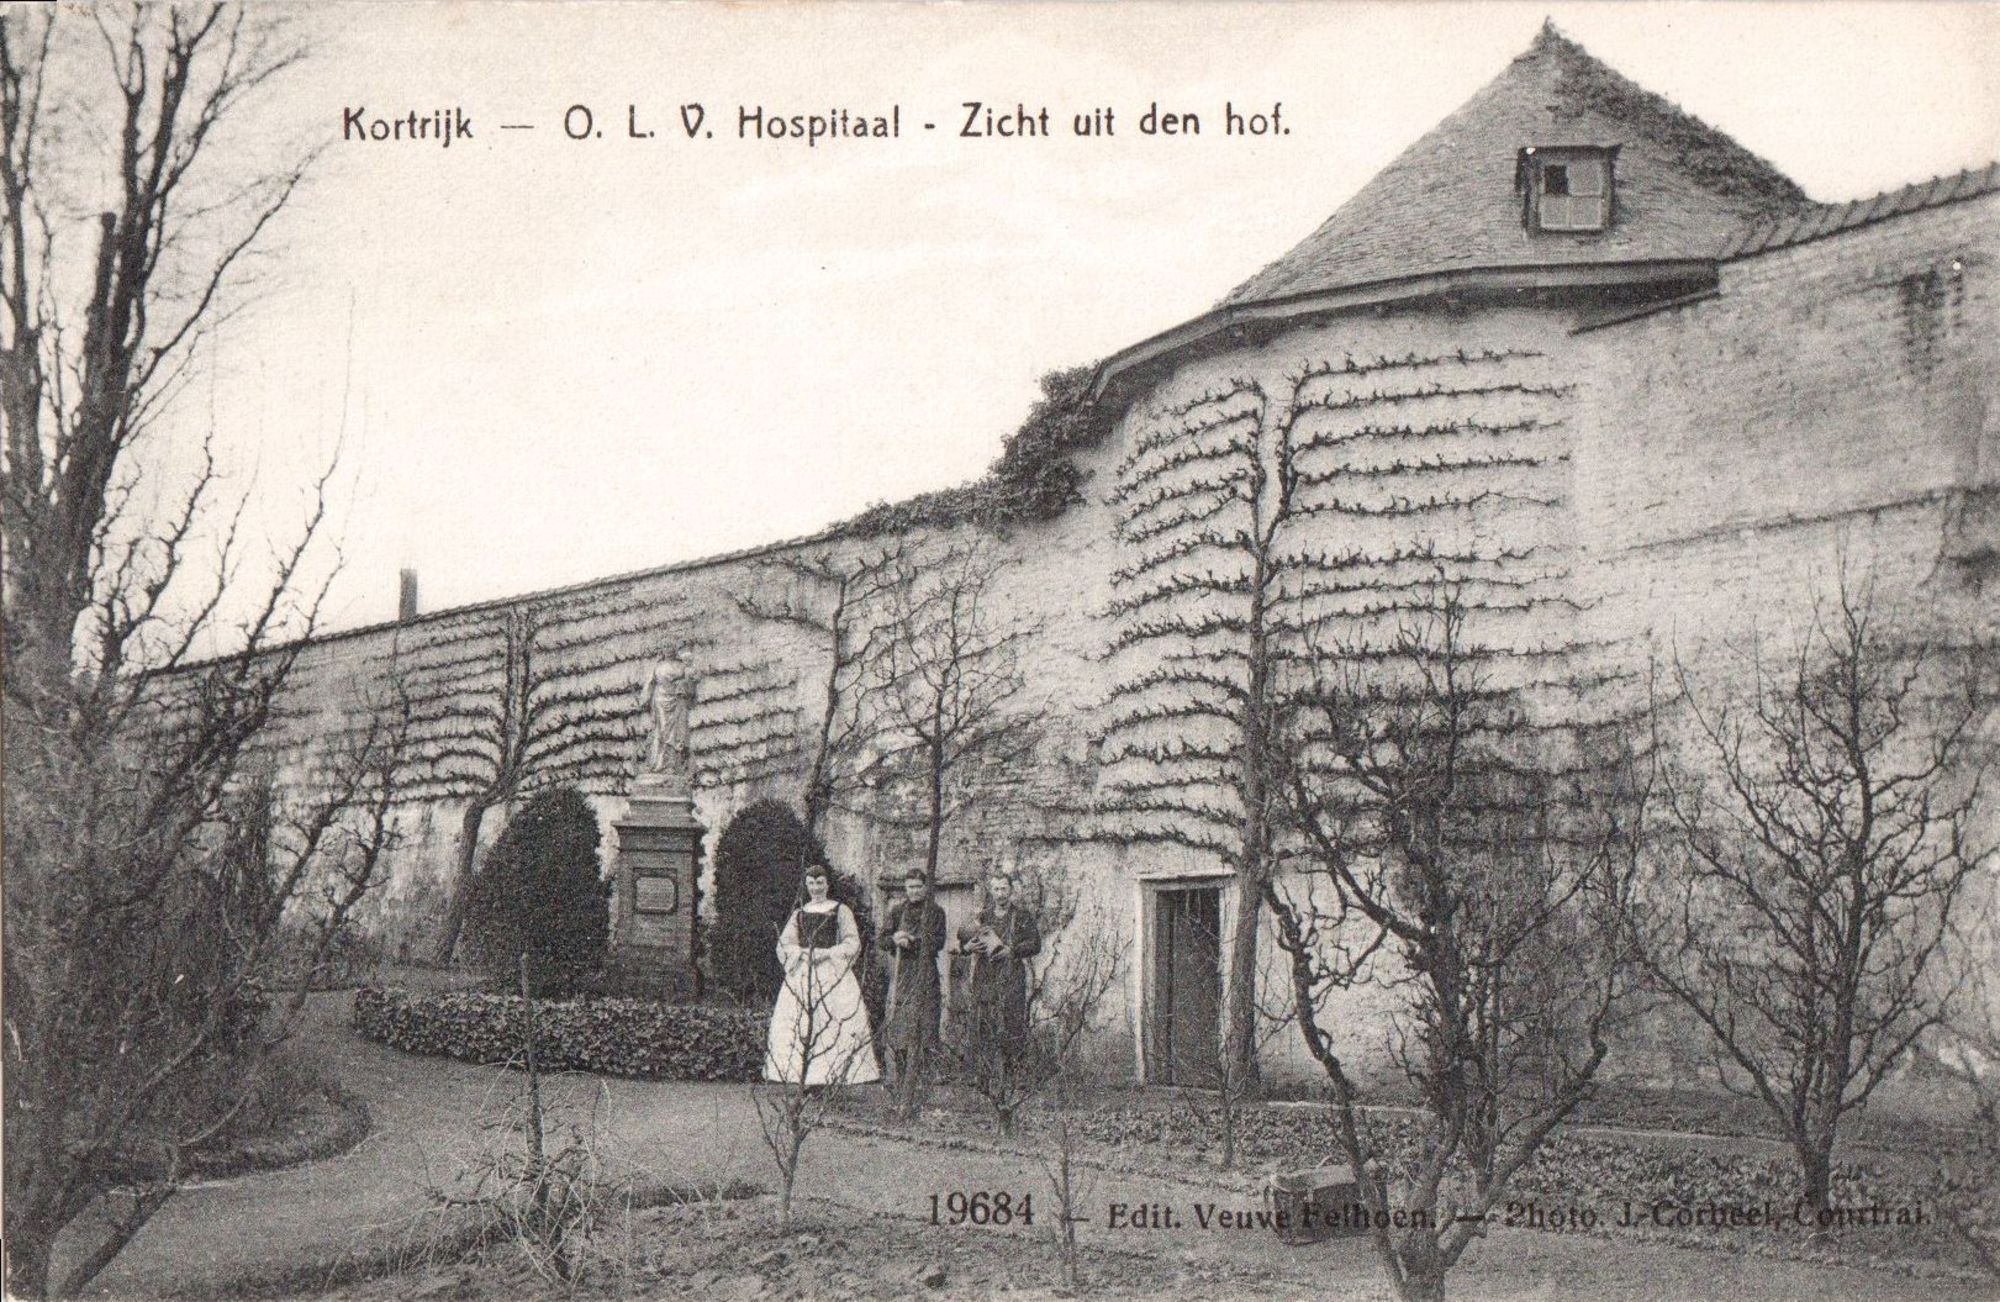 tuin van het O.L.V. Hospitaal